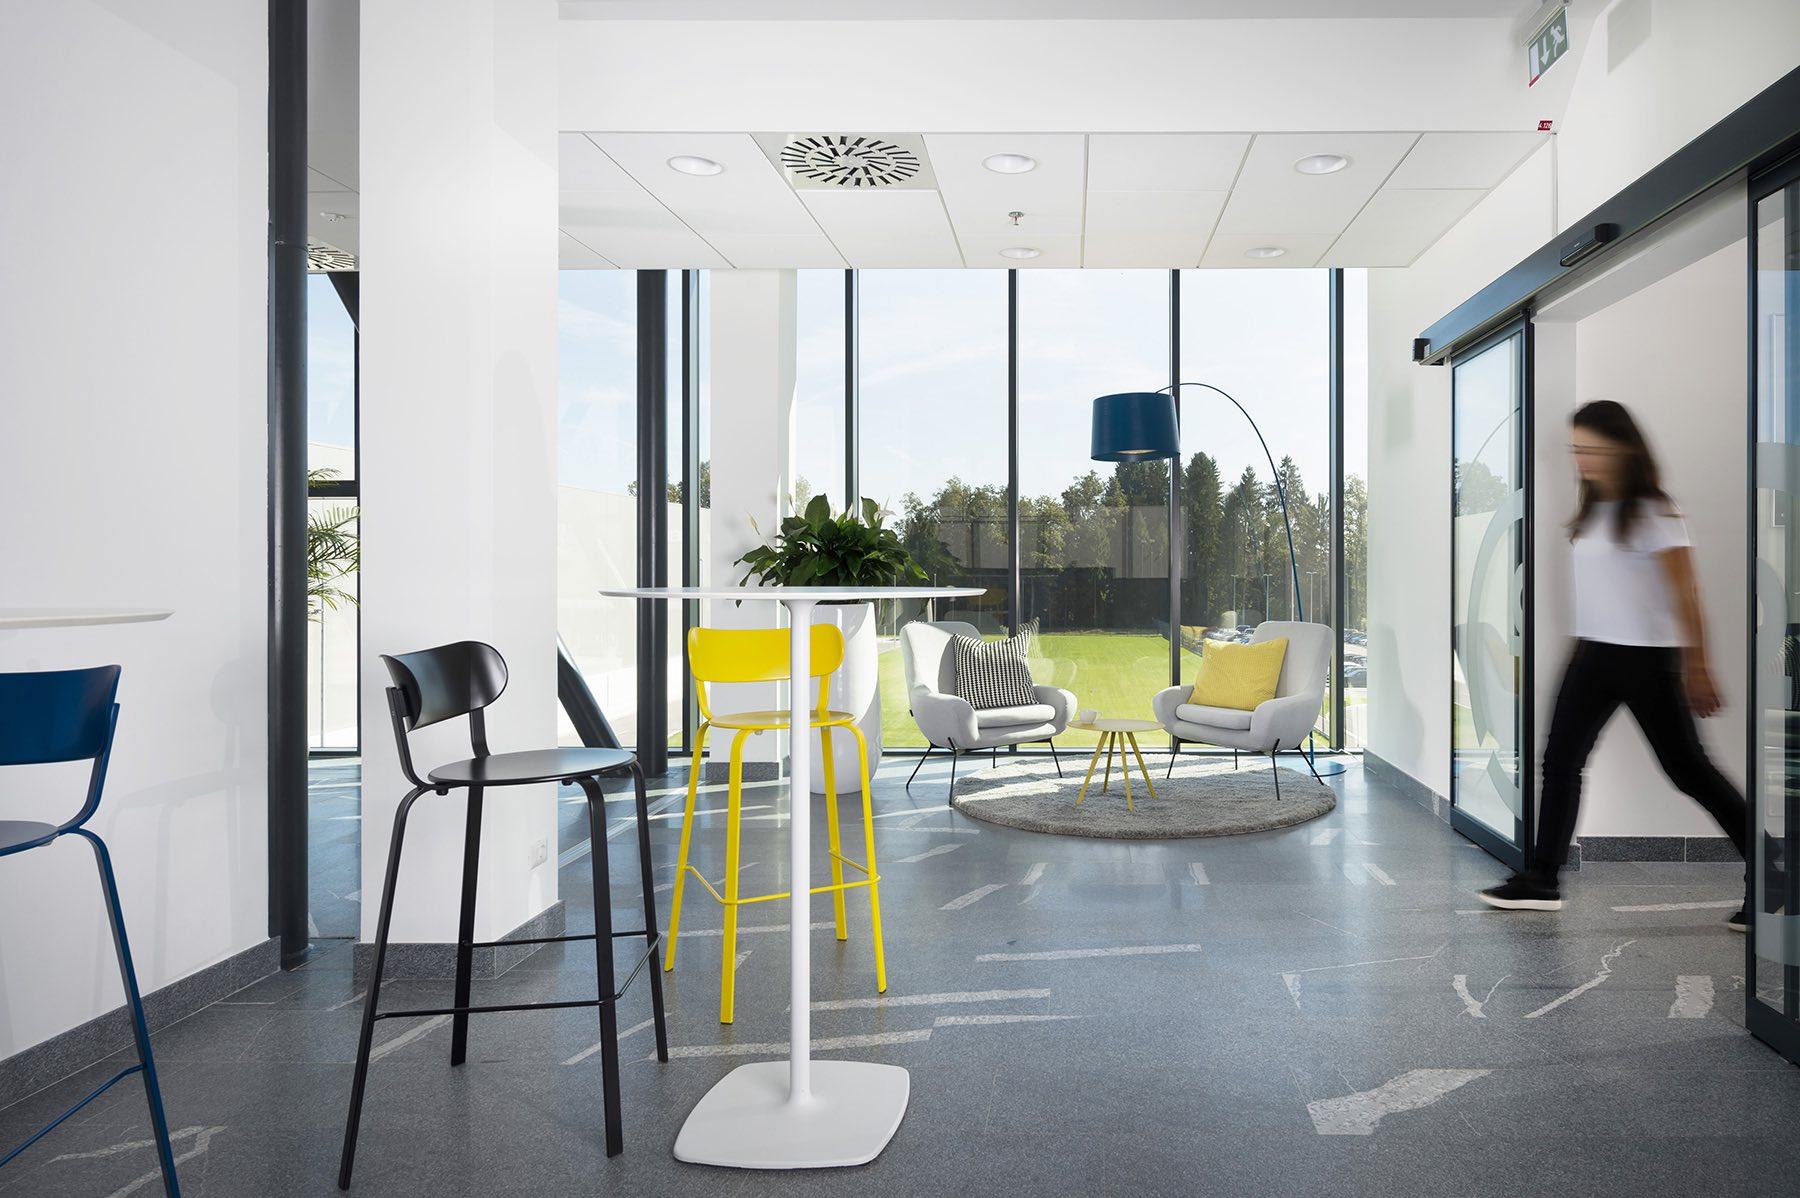 k-n-ljubljana-office-3